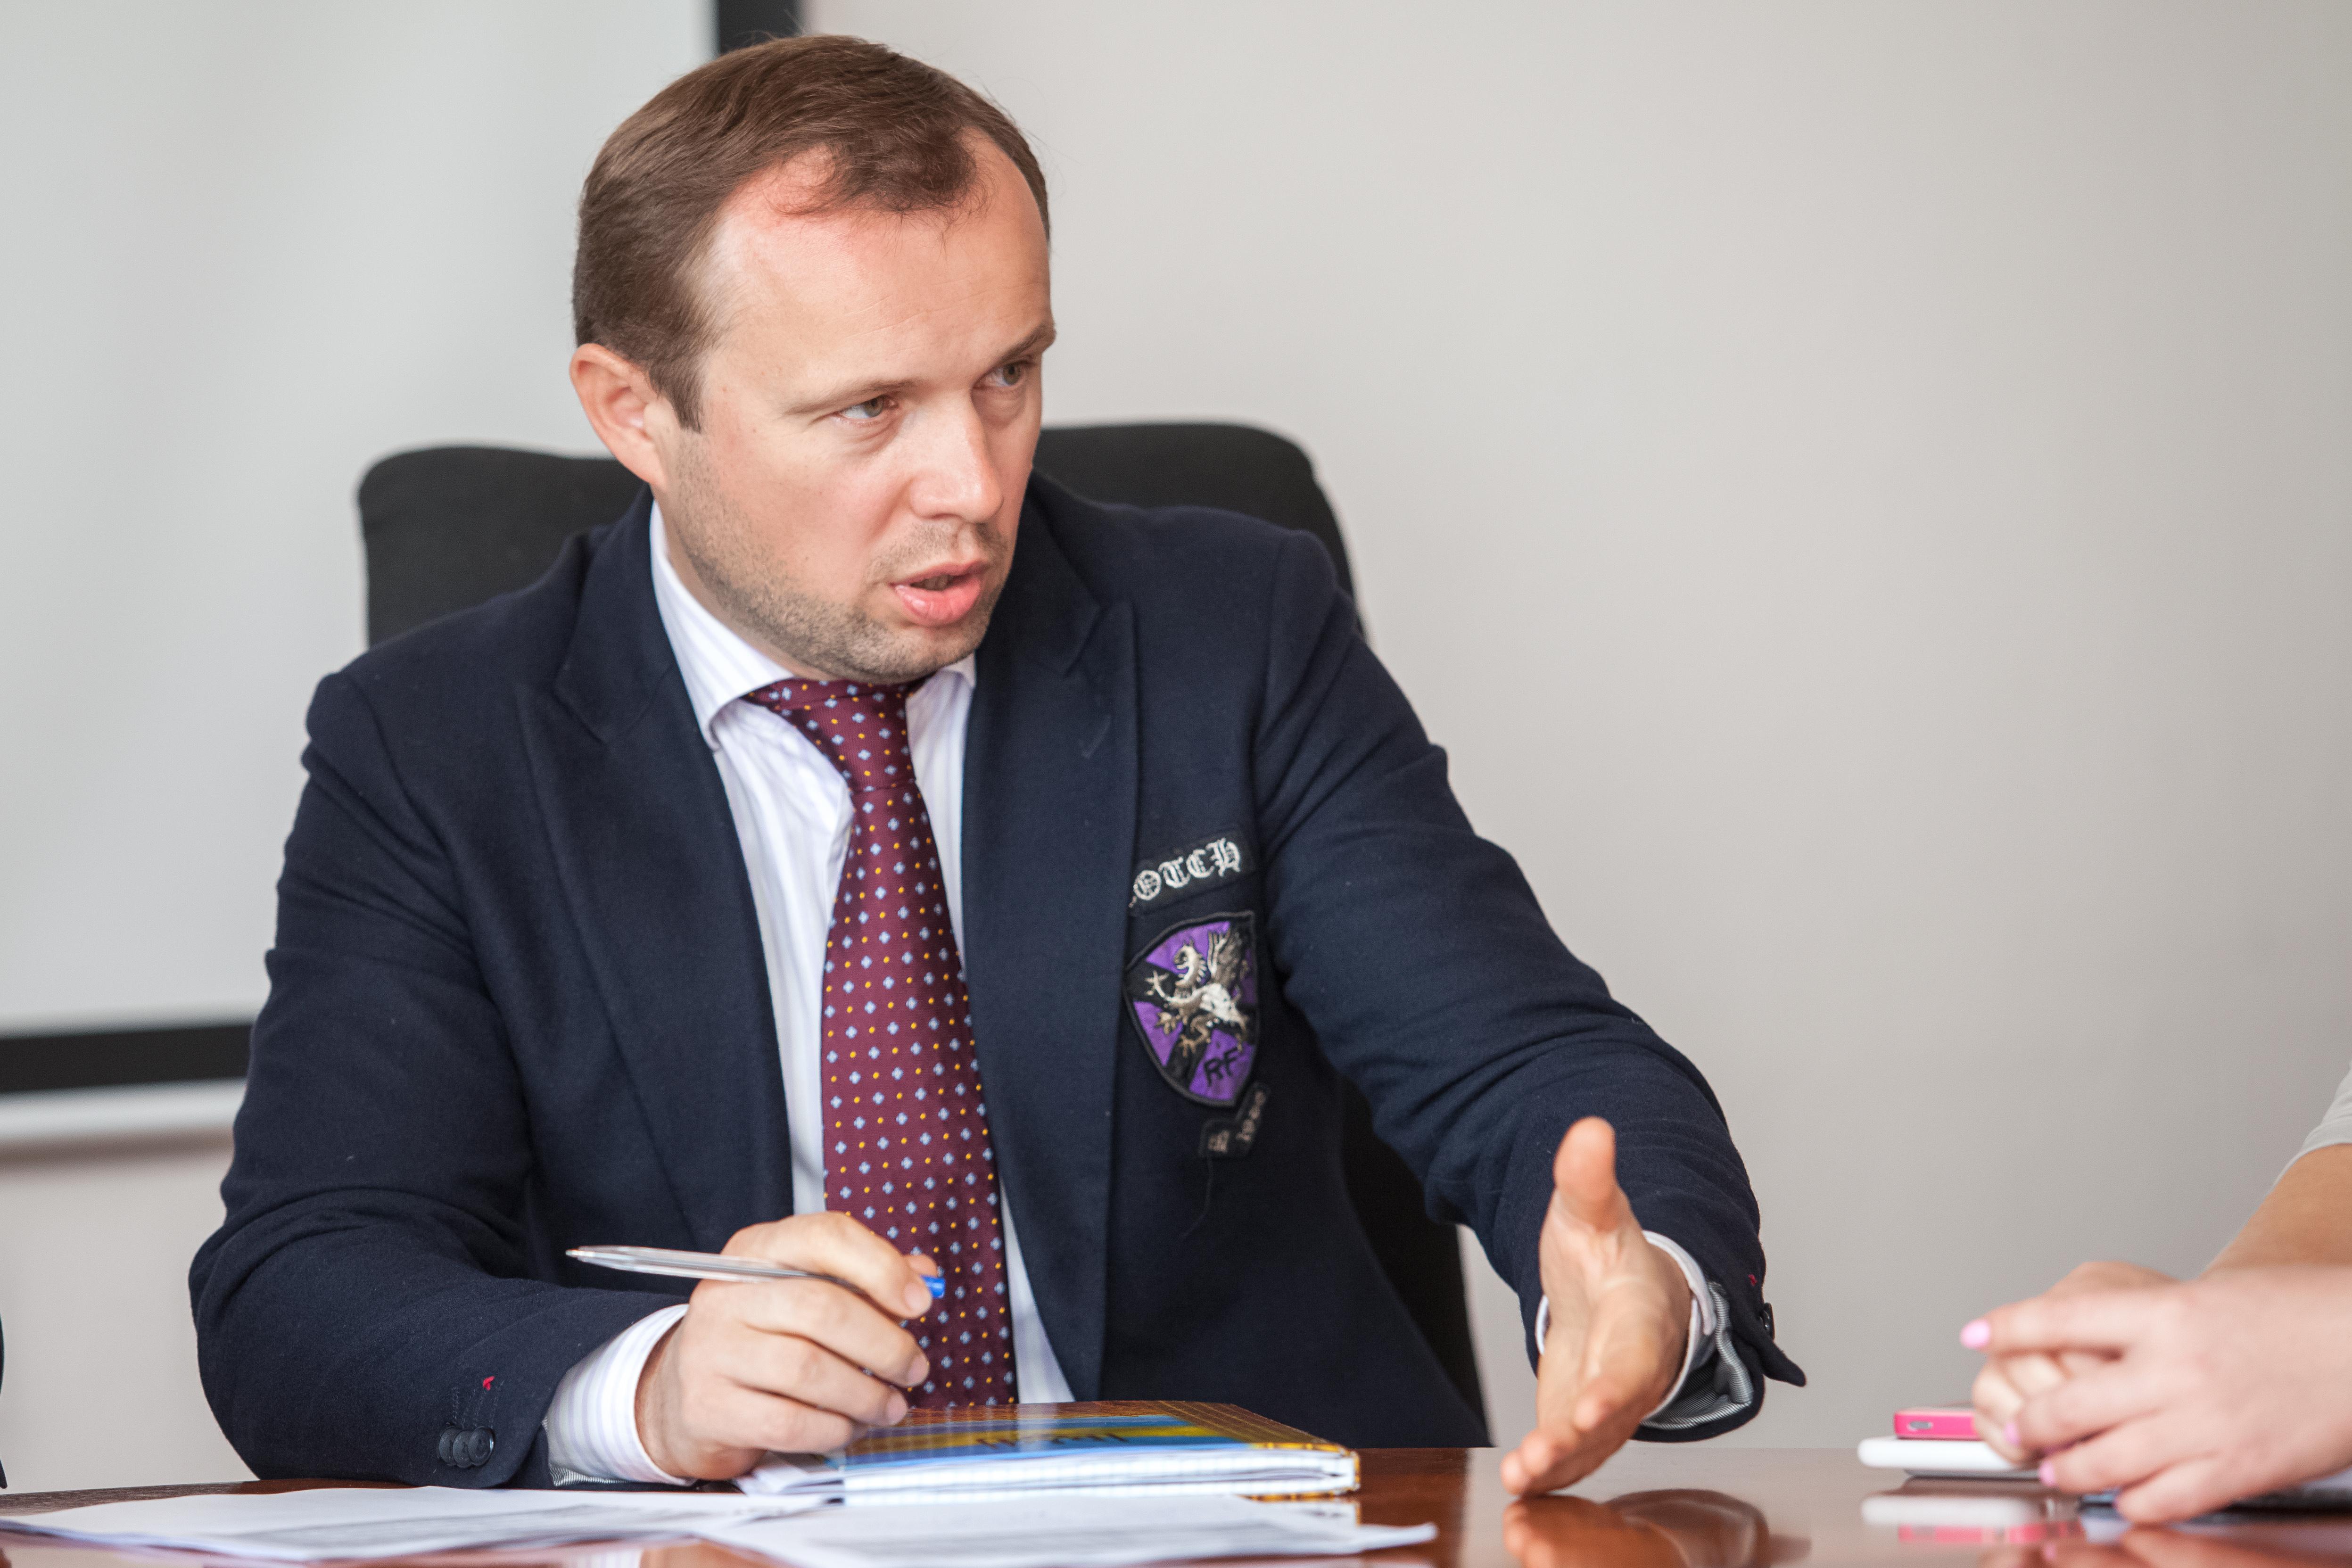 Олександр Романюк: Якщо порівняти з іншими країнами, то Україна посідає друге місце в Європі і перше місце у Східній Європі за запасами газу